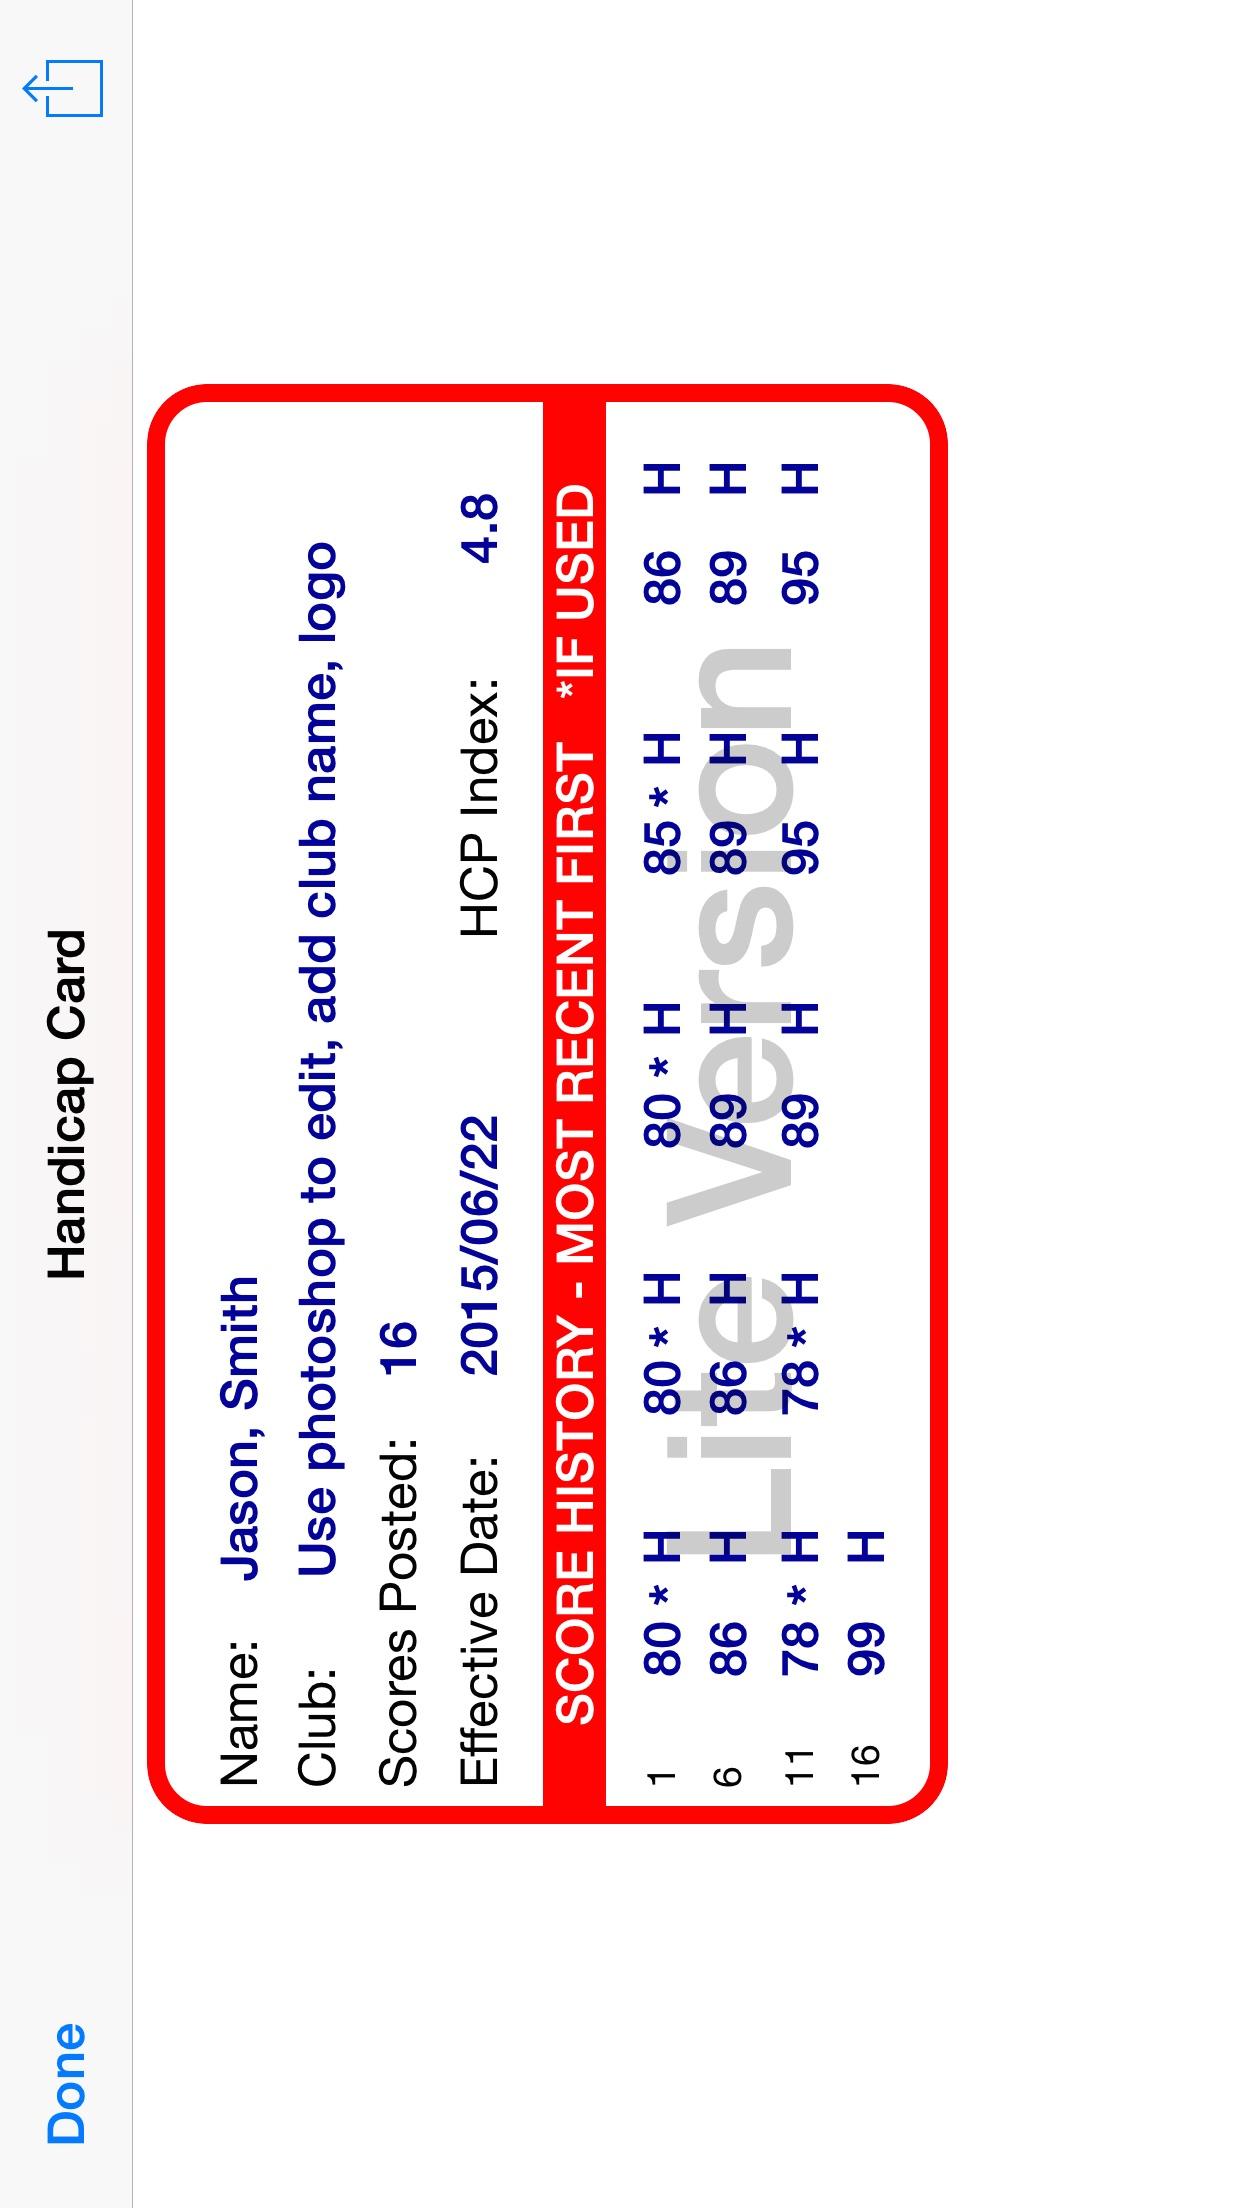 Golf Handicap Tracker & Scores Screenshot